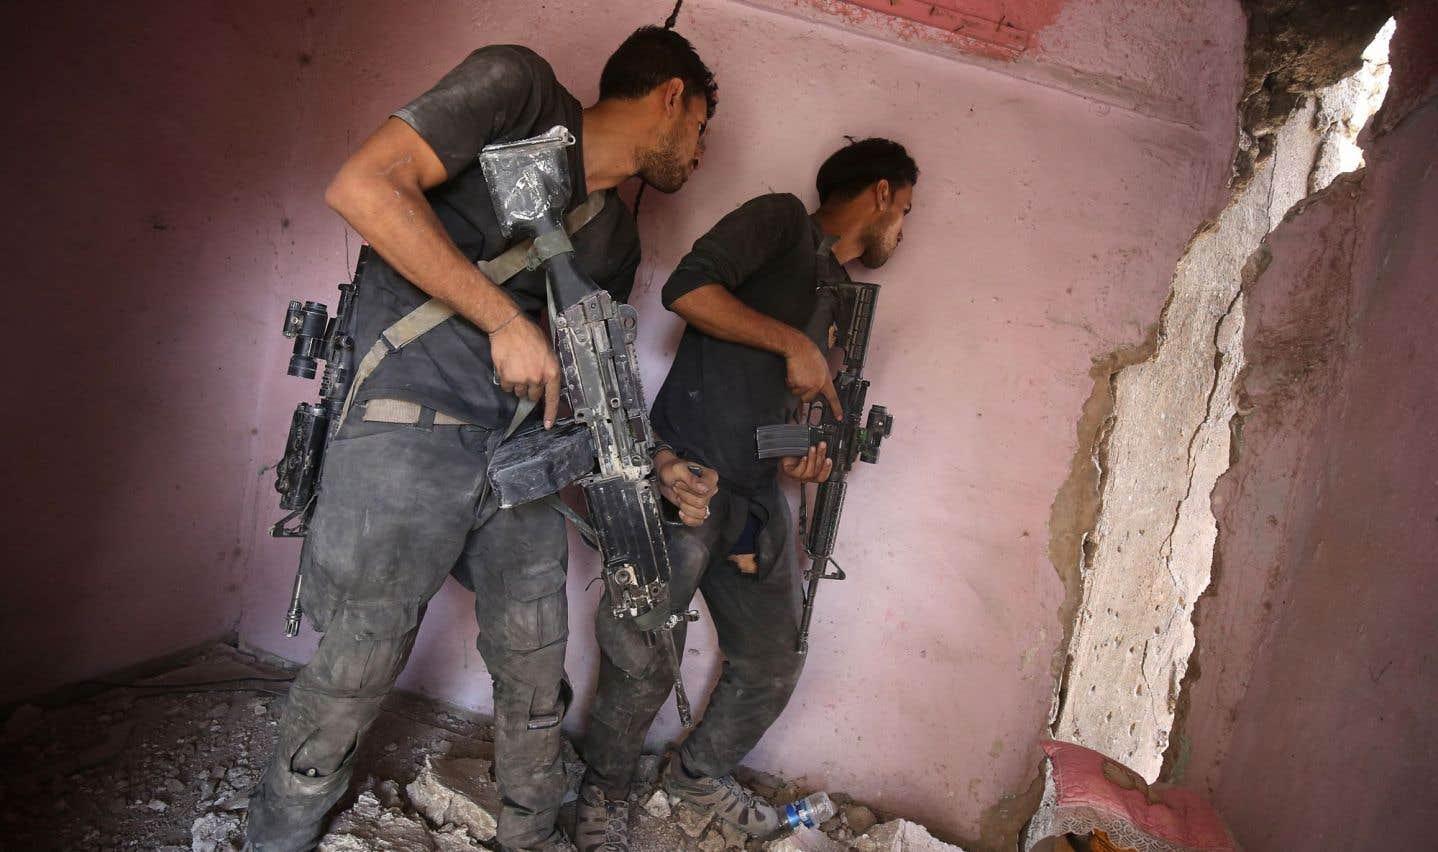 Le groupe armé État islamique continue d'opposer une résistance farouche en lançant notamment ses kamikazes contre les forces irakiennes à Mossoul.